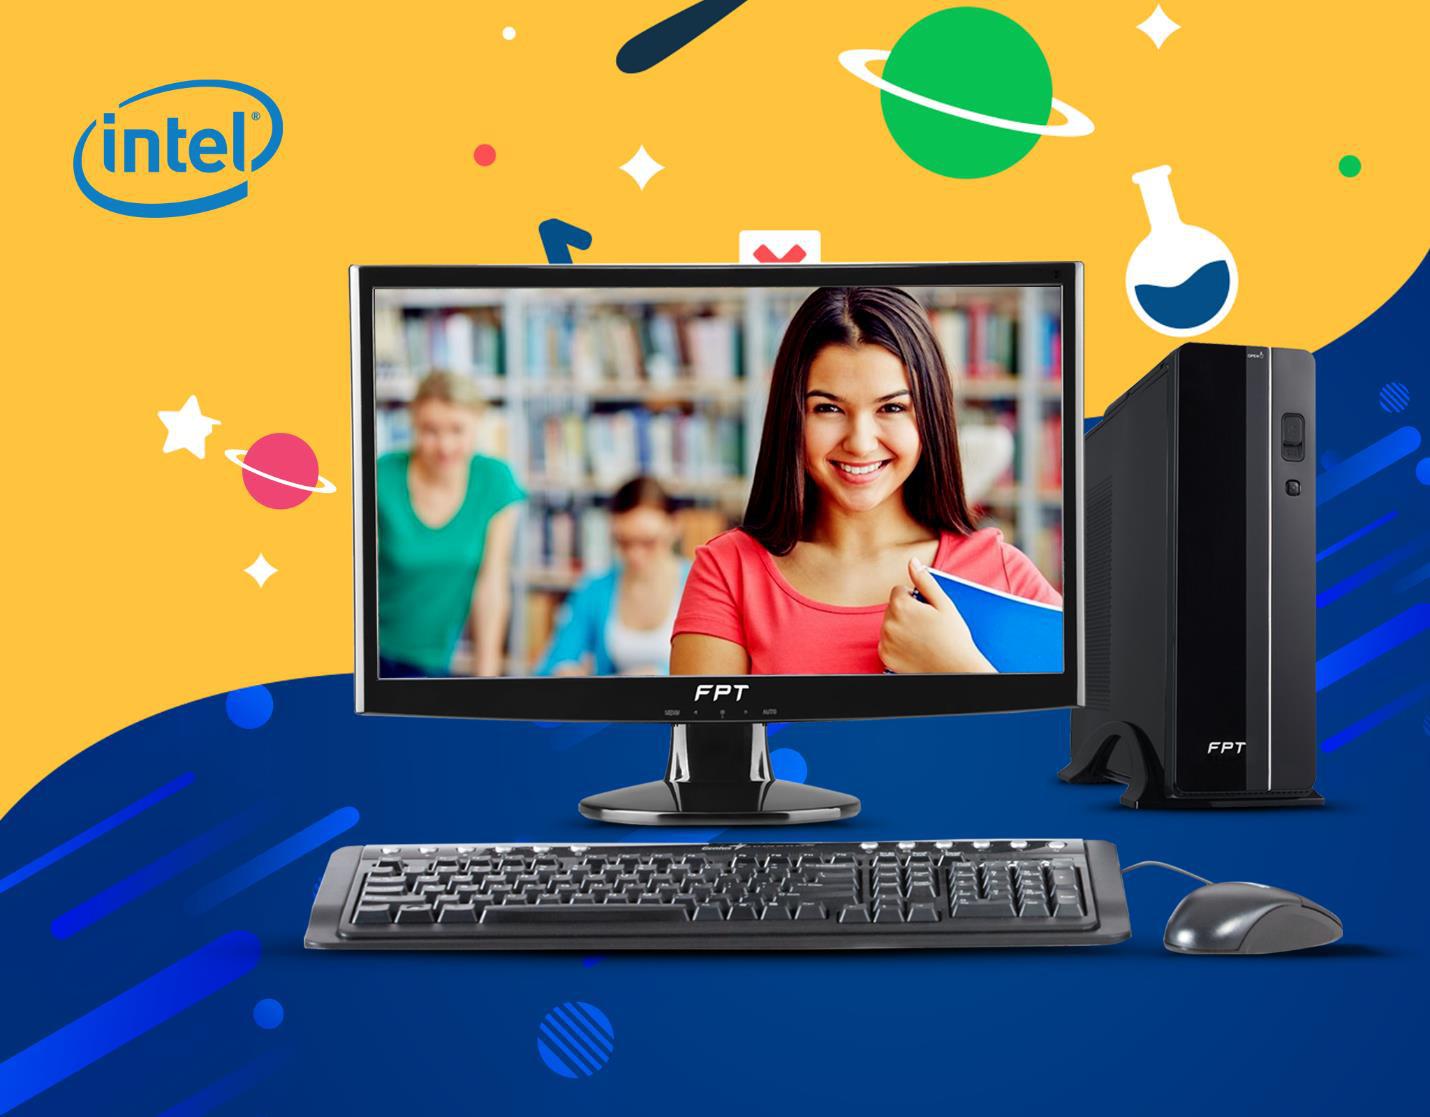 Top 5 máy tính FPT Elead chip Intel hút hàng trong mùa tựu trường - Ảnh 5.